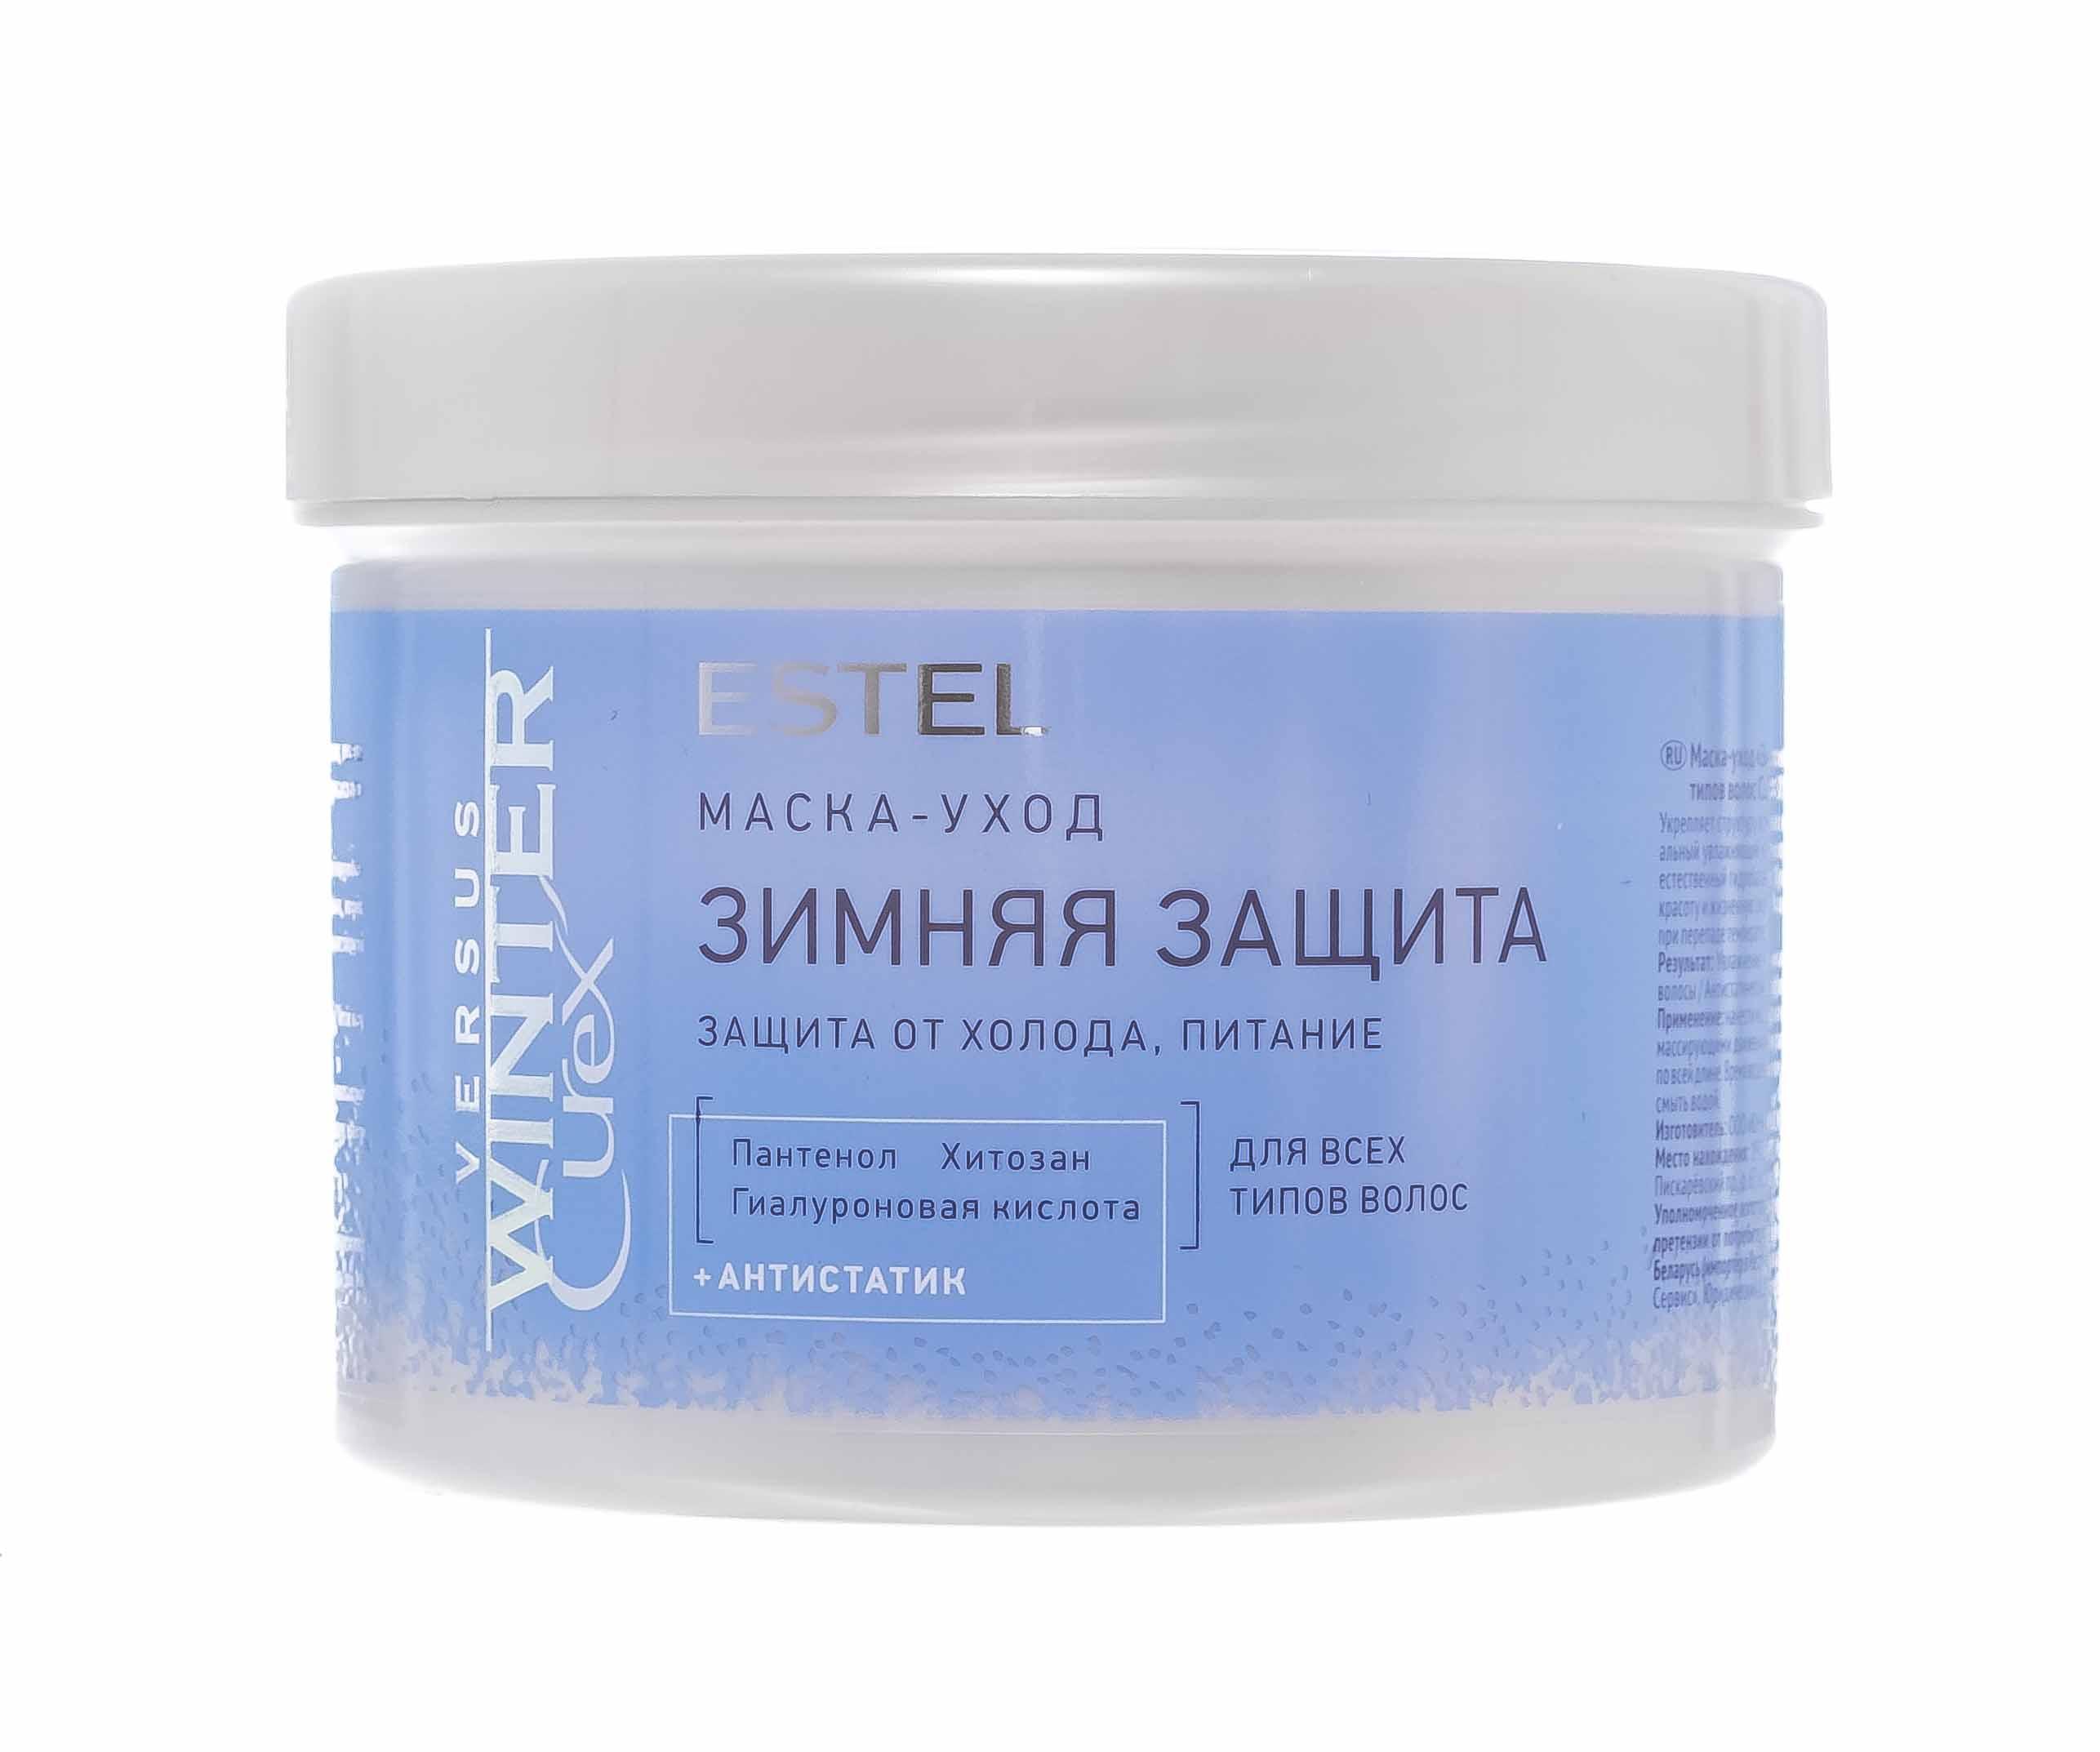 Купить Estel Маска-уход Зимняя защита для всех типов волос, 500 мл (Estel, Curex Versus winter), Россия